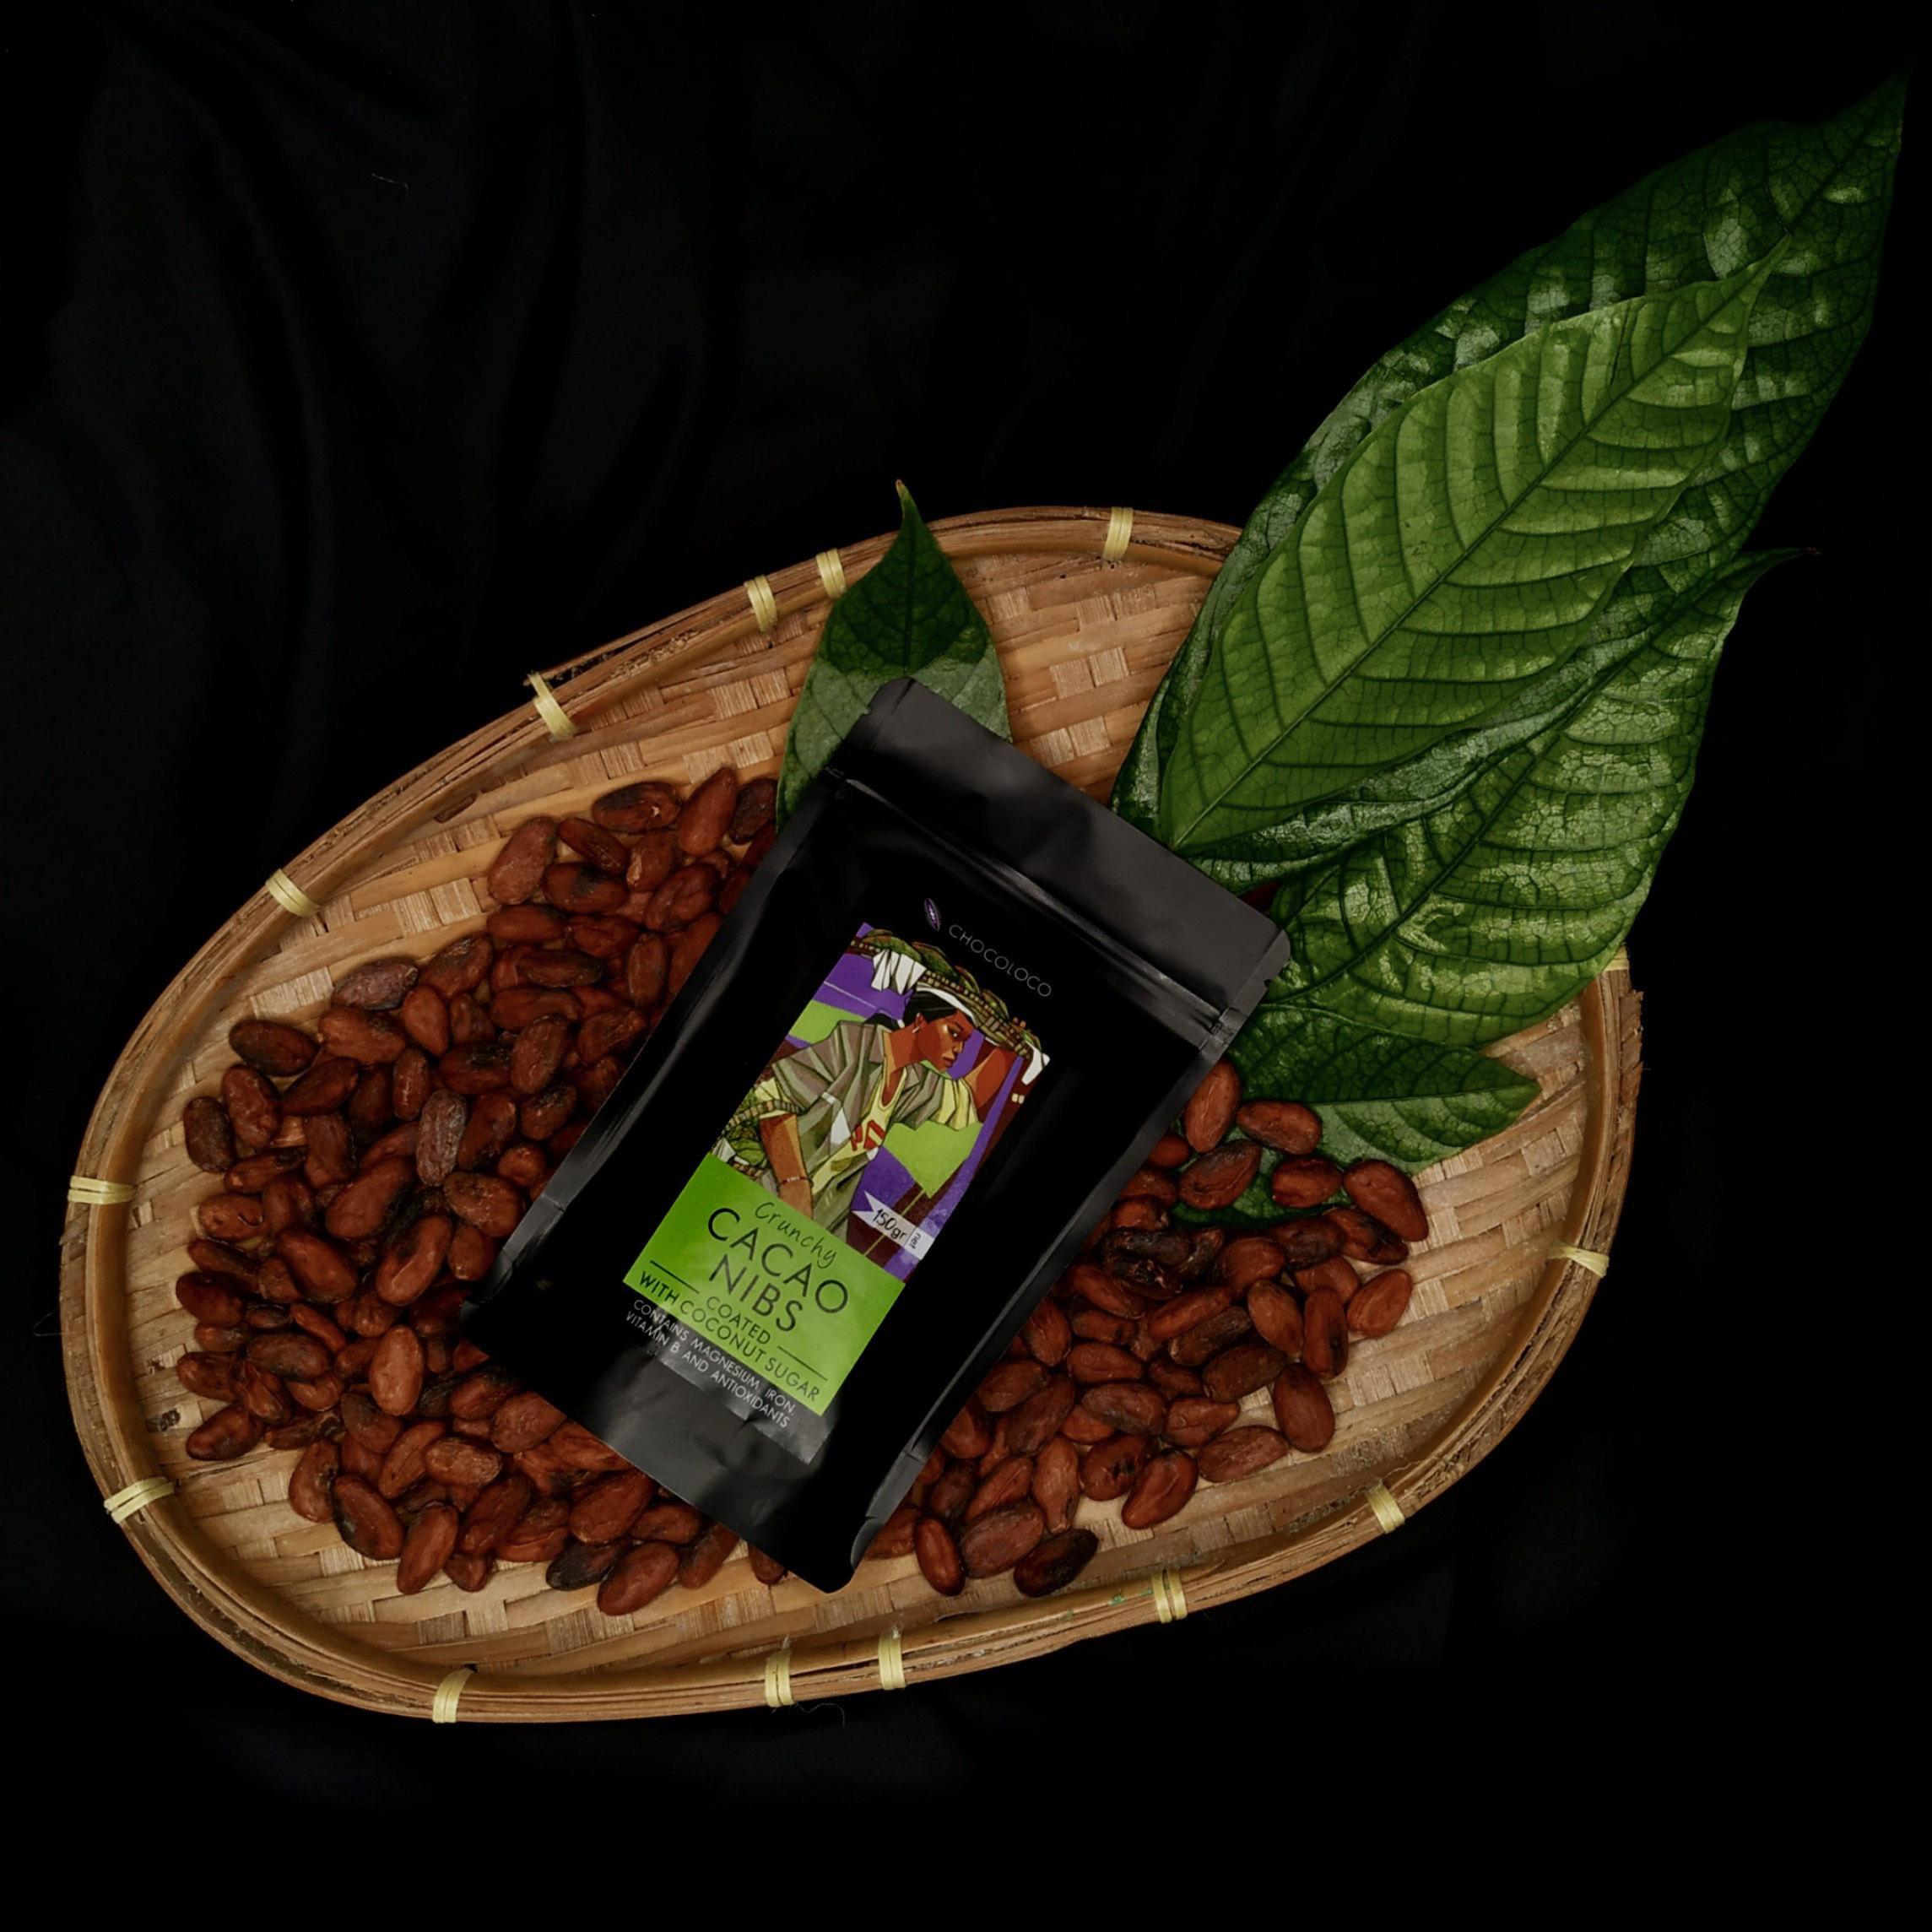 カカオニブ 45g(Crunchy )